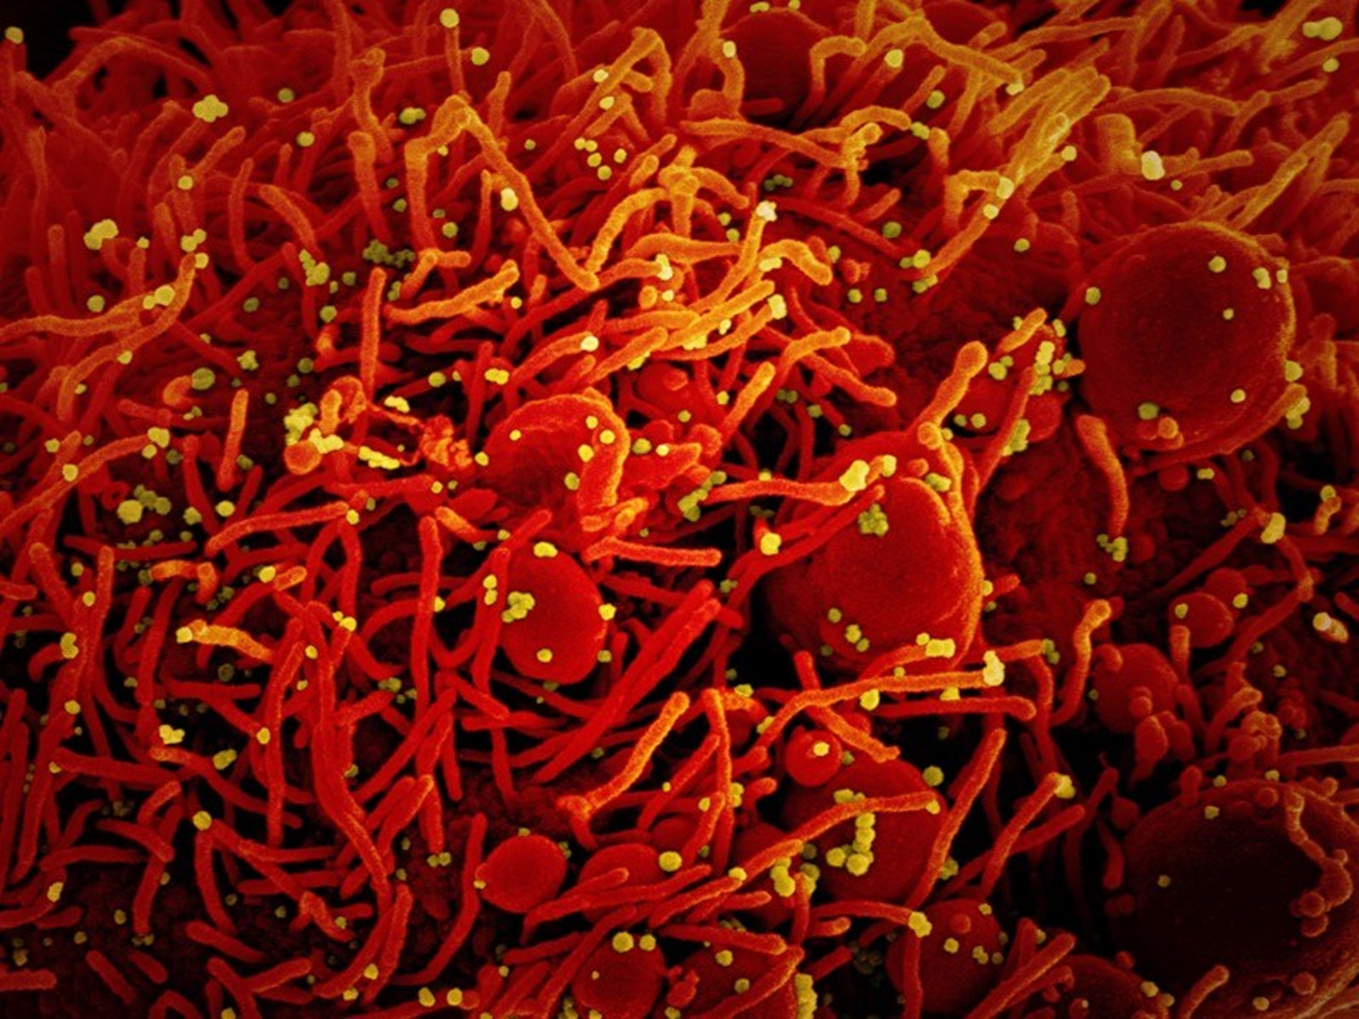 Virus SARS-CoV-2 trên tế bào chụp bằng kính hiển vi điện tử. Ảnh: NIAID / NIH / SPL